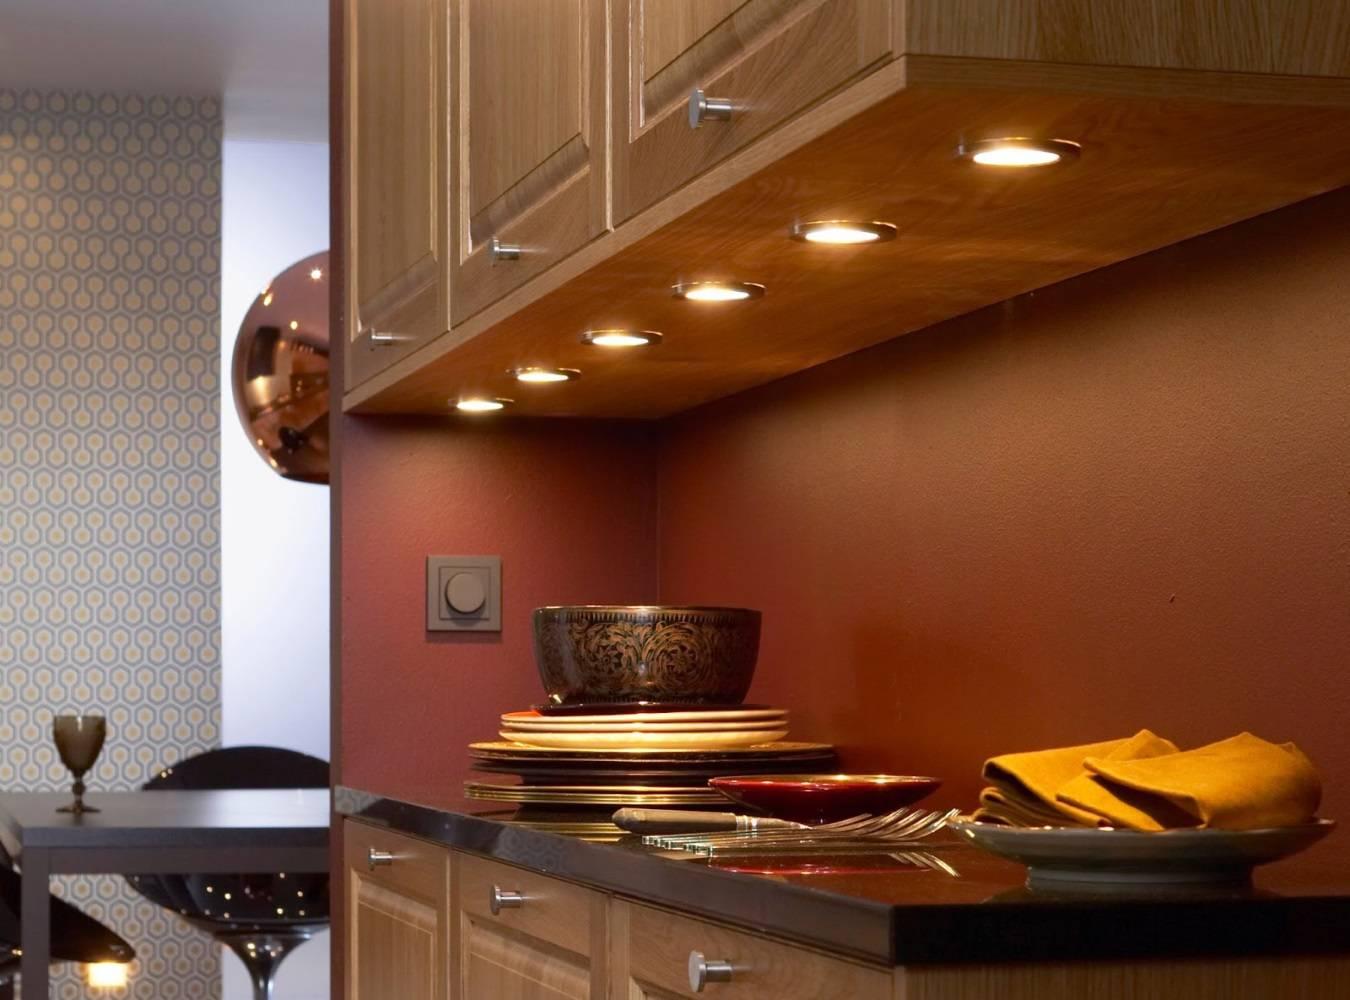 Освещение на кухне — правила организации и актуальные варианты дизайна интерьера (90 фото)